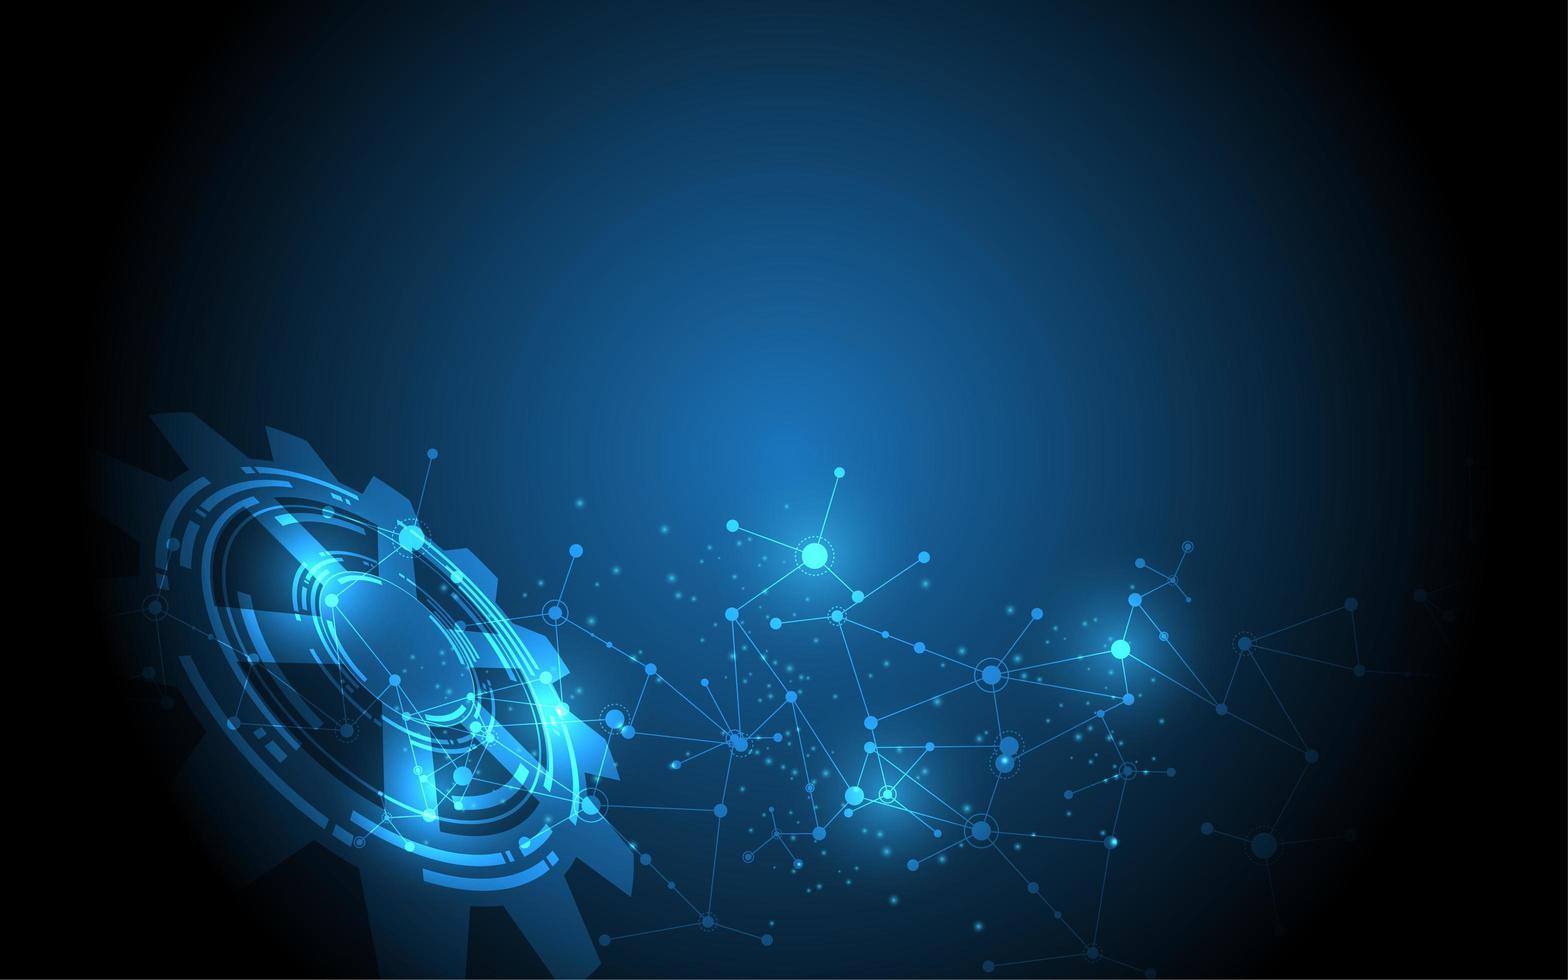 conception de technologie de communication abstrait bleu vecteur